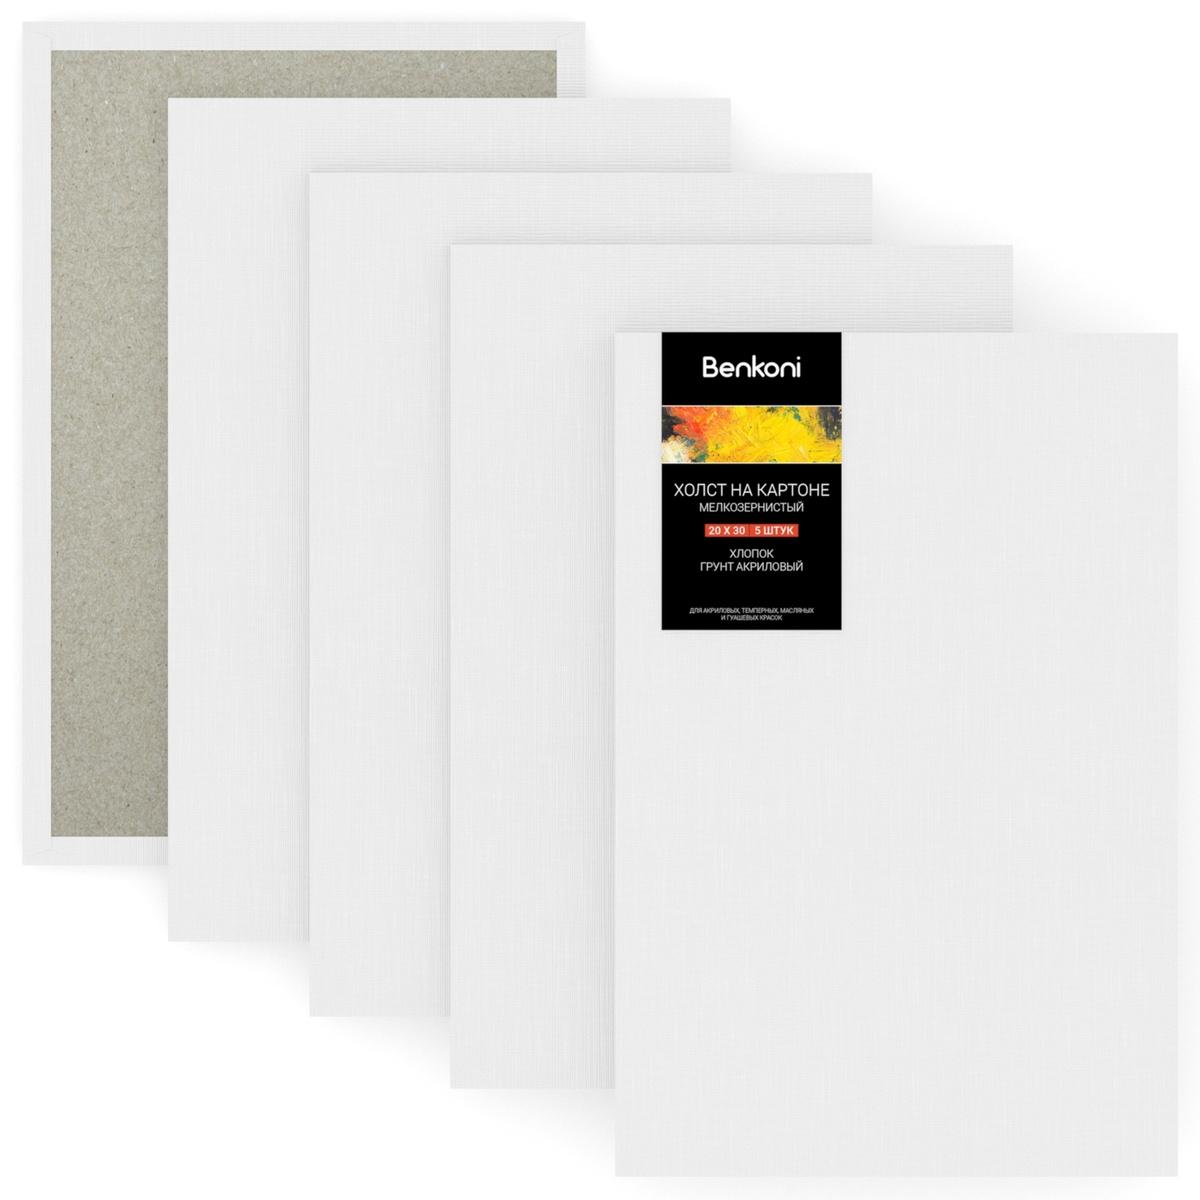 Набор холстов на картоне, грунтованный мелкозернистый хлопок 280 г/м2, 20х30 см, 5 шт  #1